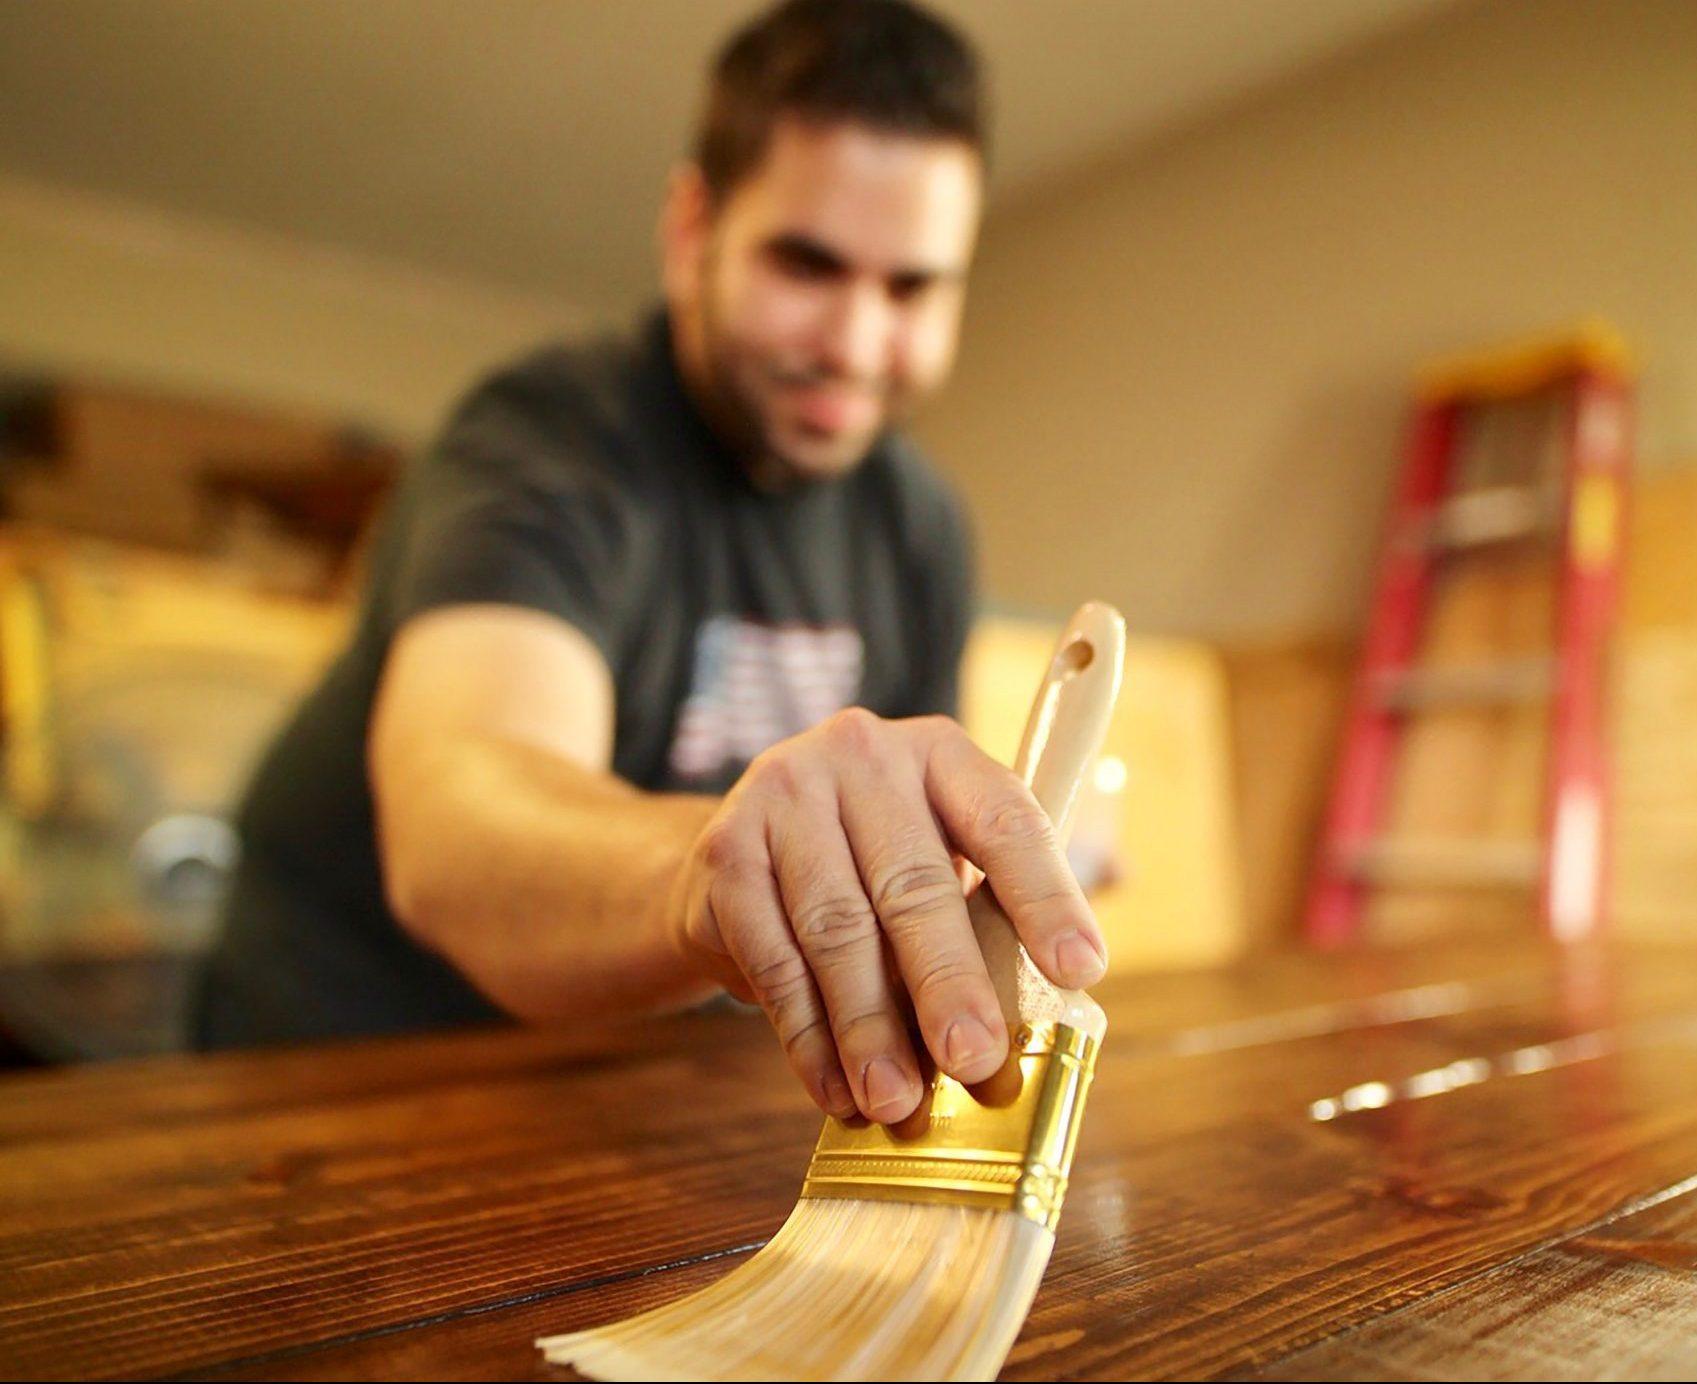 Repurposing Old Furniture - Staining Wooden Furniture - Johnson, Iris